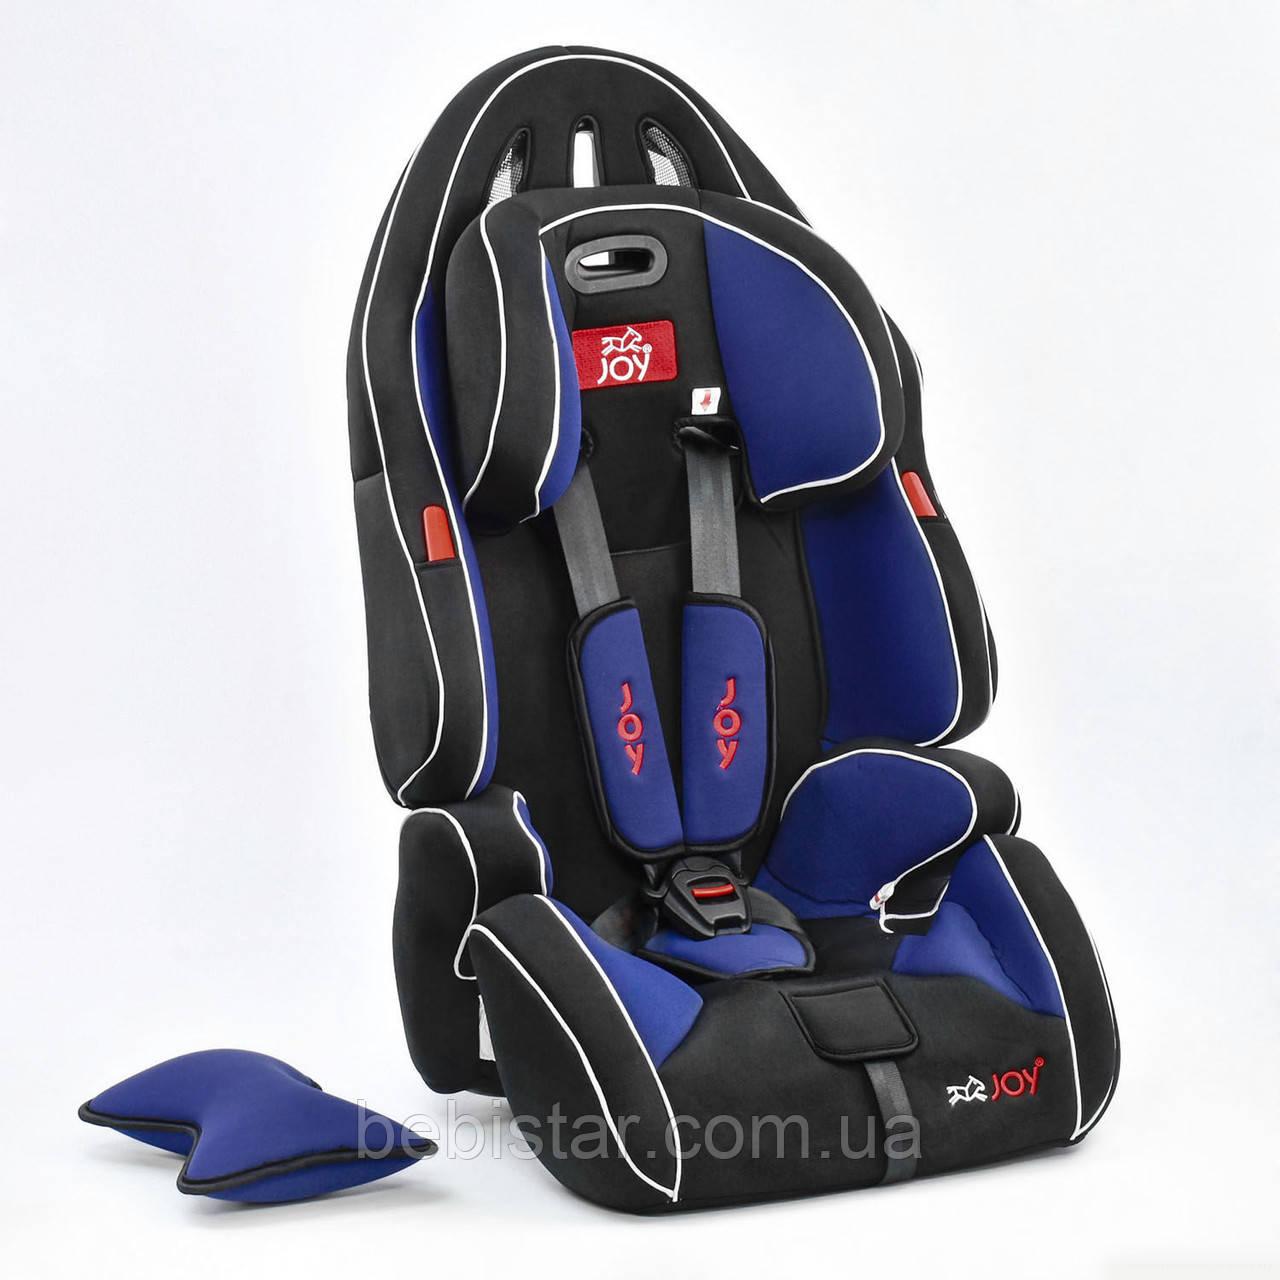 Дитяче автокрісло Joy G 2010 Колір чорно-синій 9-36 кг